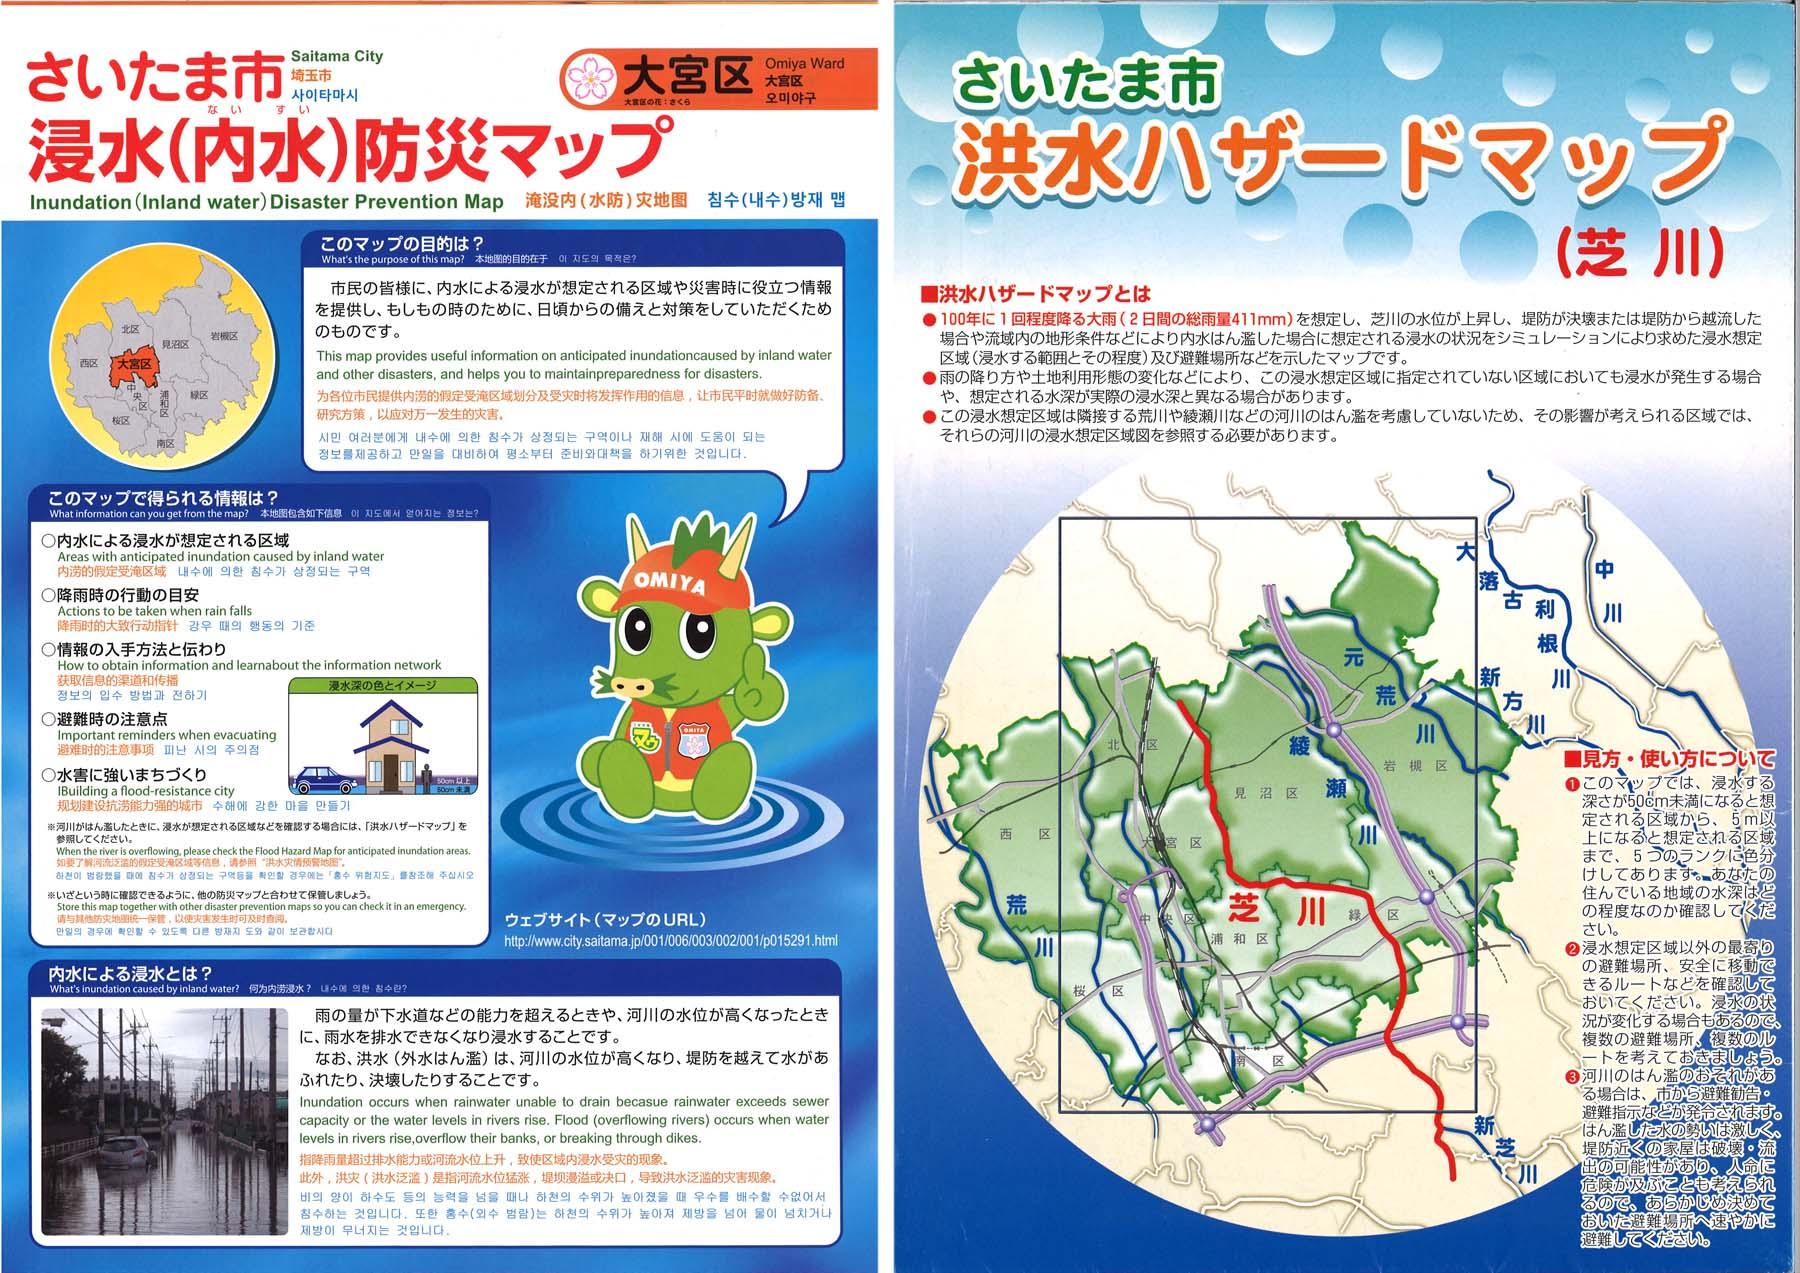 さいたま市 洪水ハザードマップ